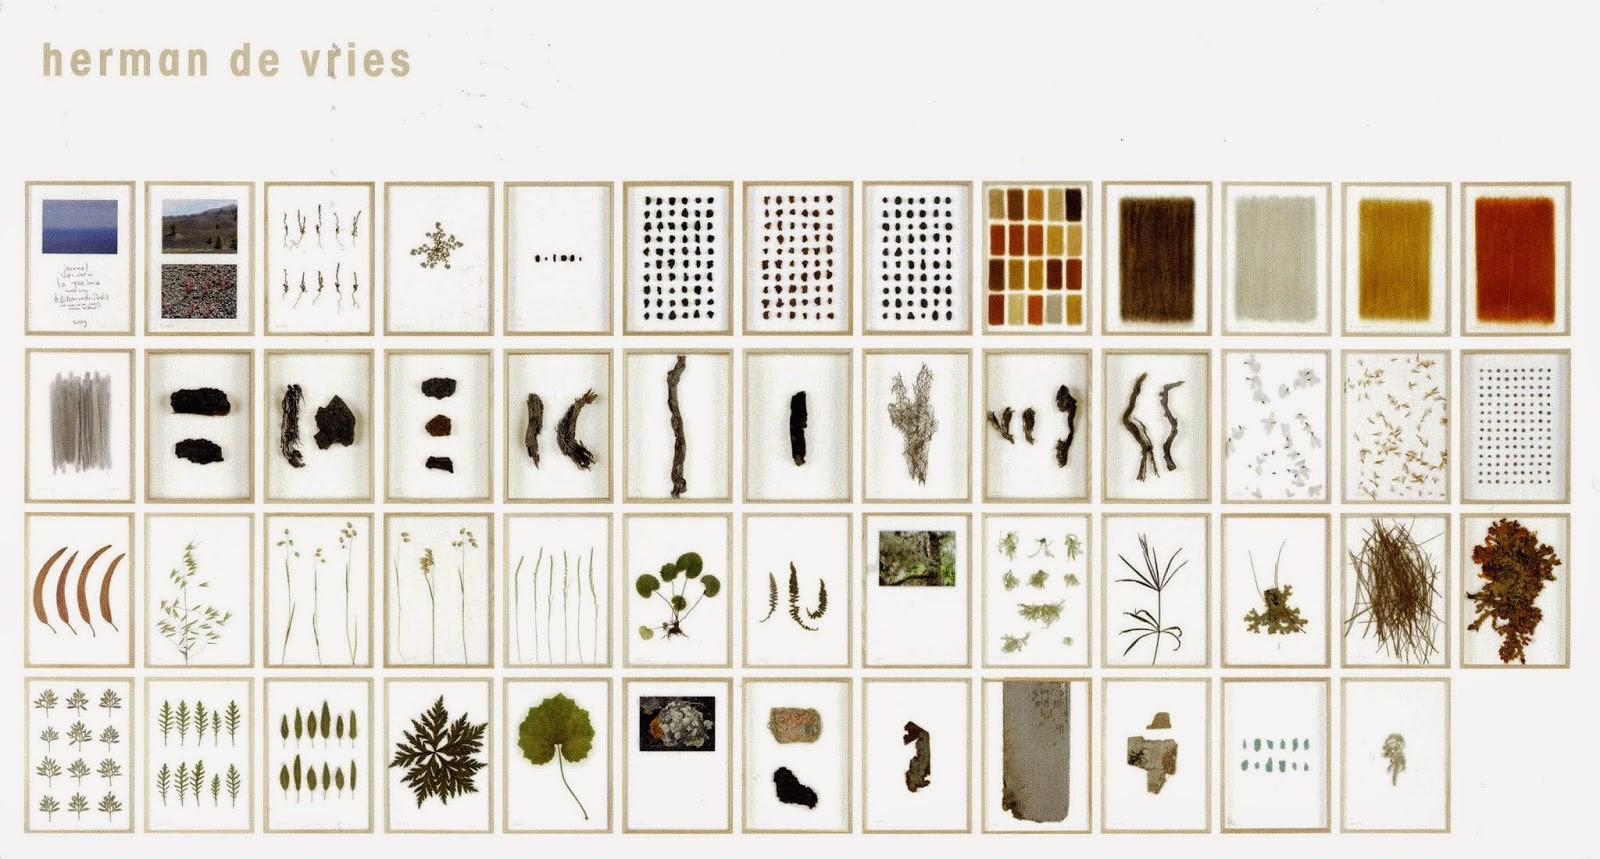 Stedelijk Museum Schiedam. Herman de Vries catalogus. (Stedelijk Museum Schiedam)